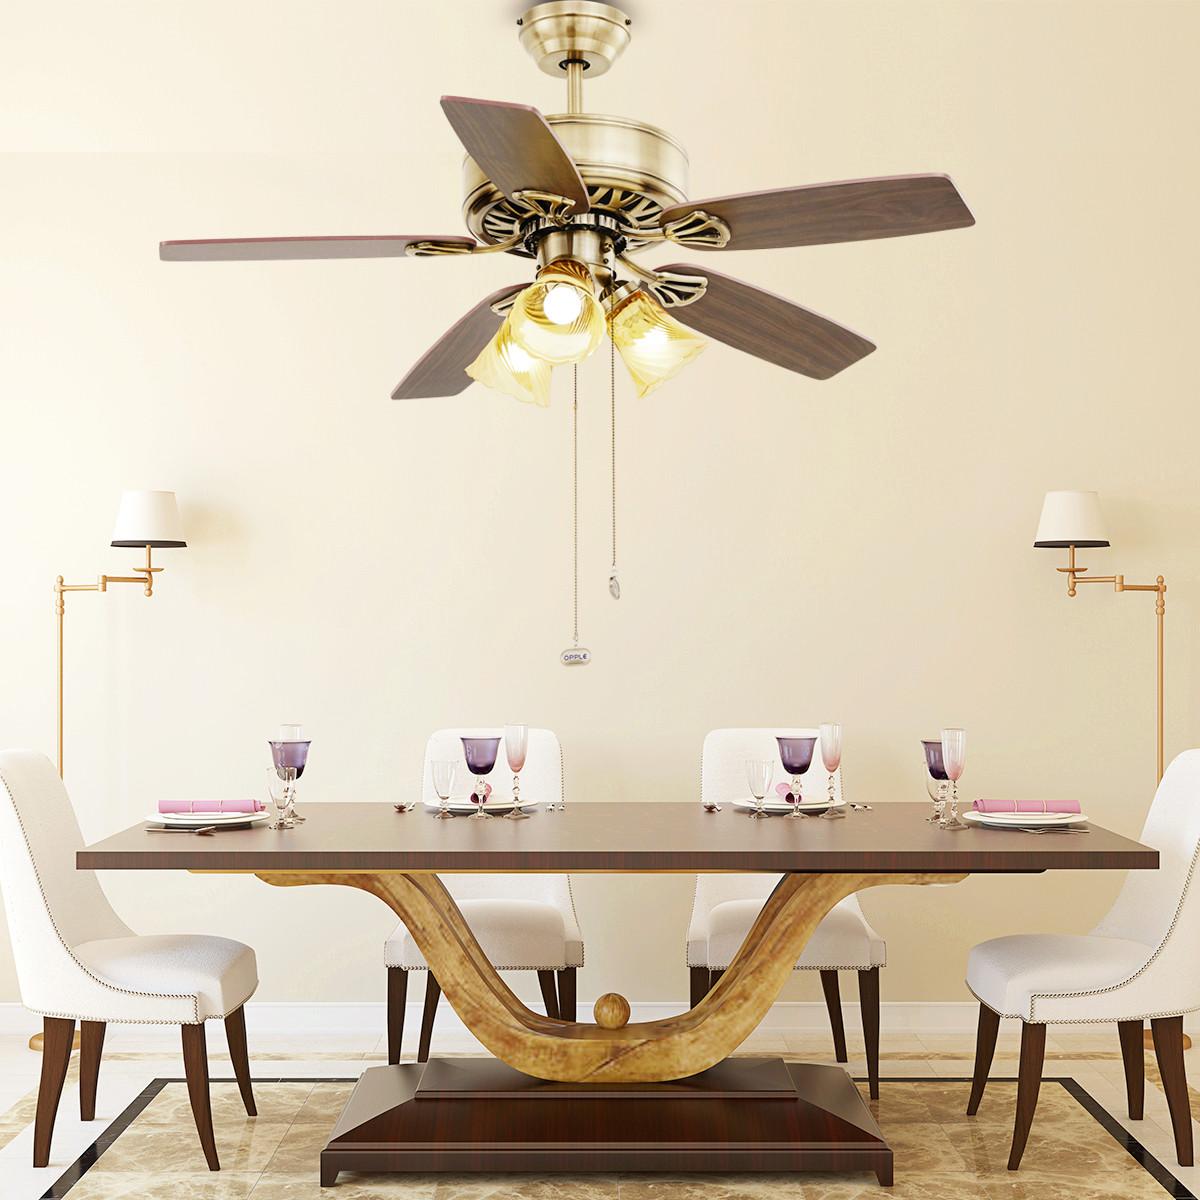 OPPLE吊扇灯餐厅吊灯家用大气现代简约带电风扇灯客厅创意个性